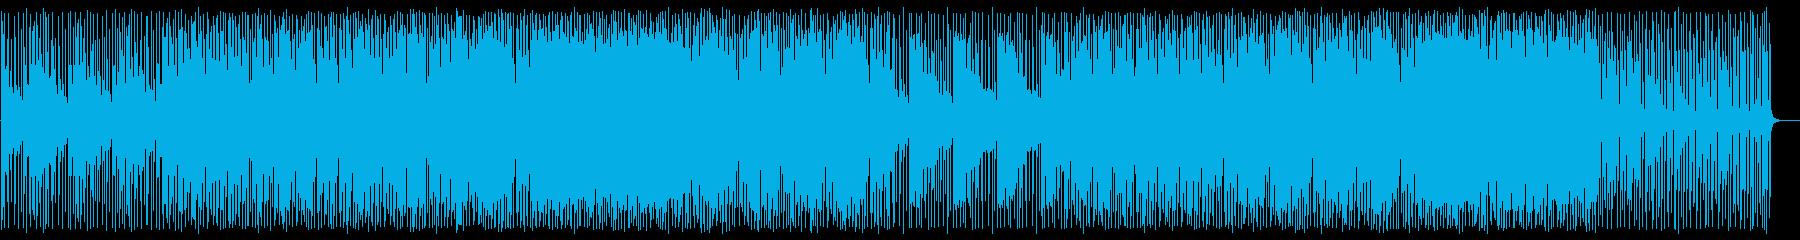 緩やかで穏やかなシンセエレキサウンドの再生済みの波形